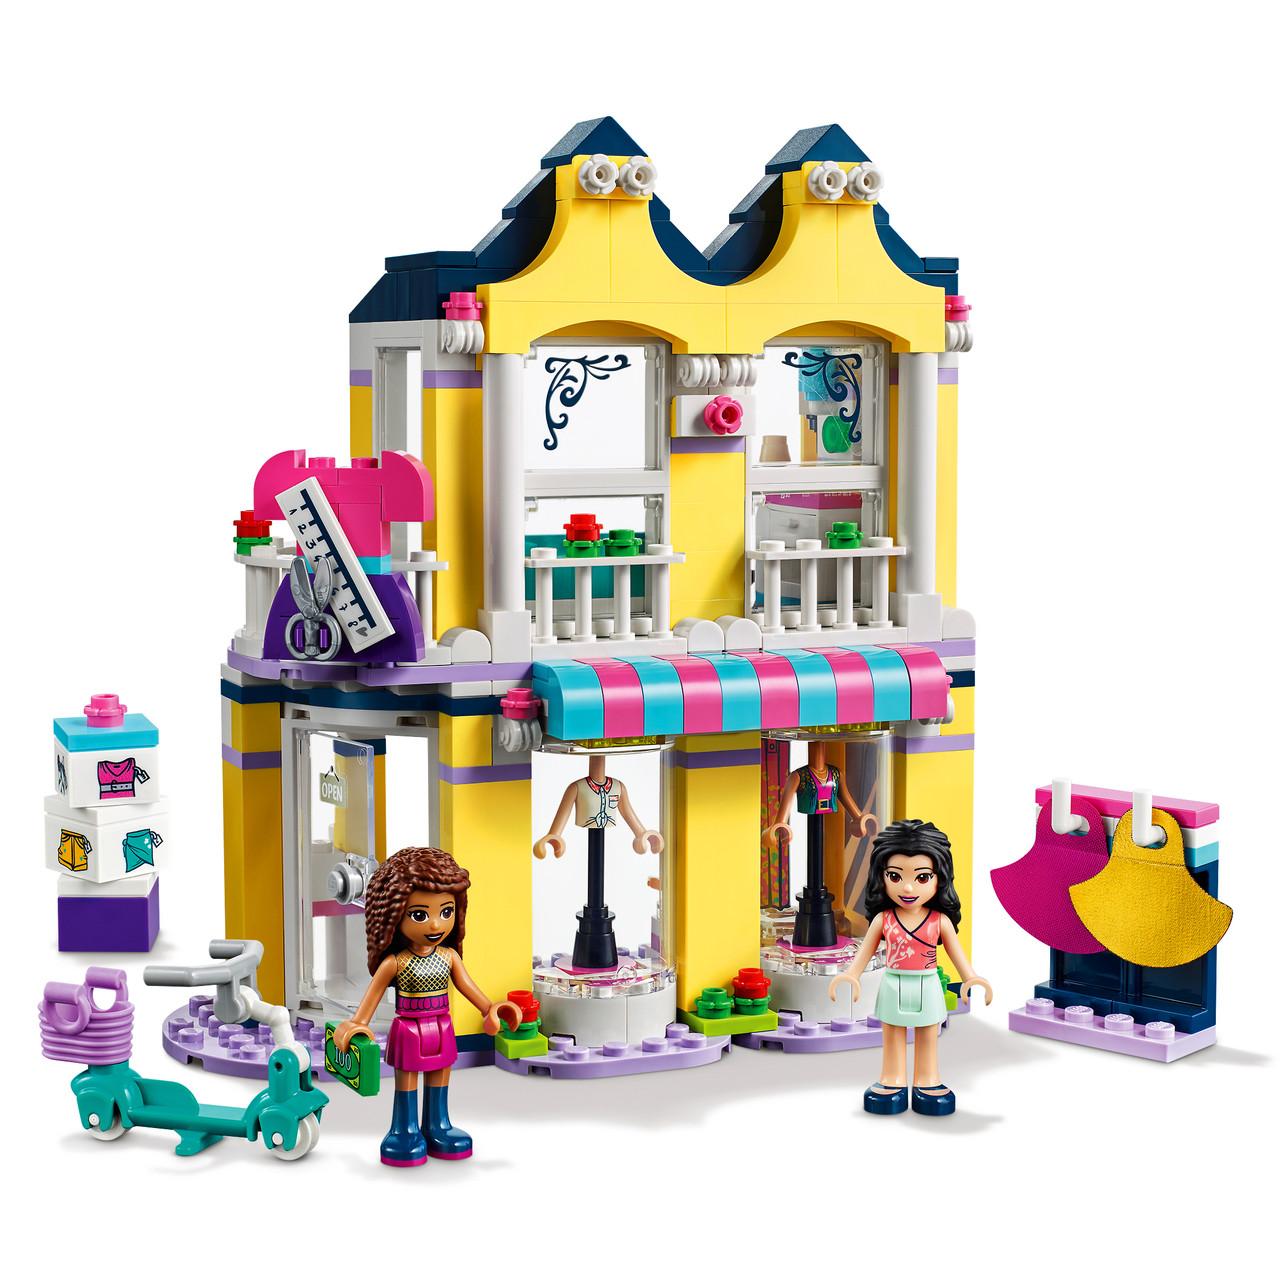 Конструктор LEGO® Friends Модный бутик Эммы, 343 элемента, «LEGO» (41427)